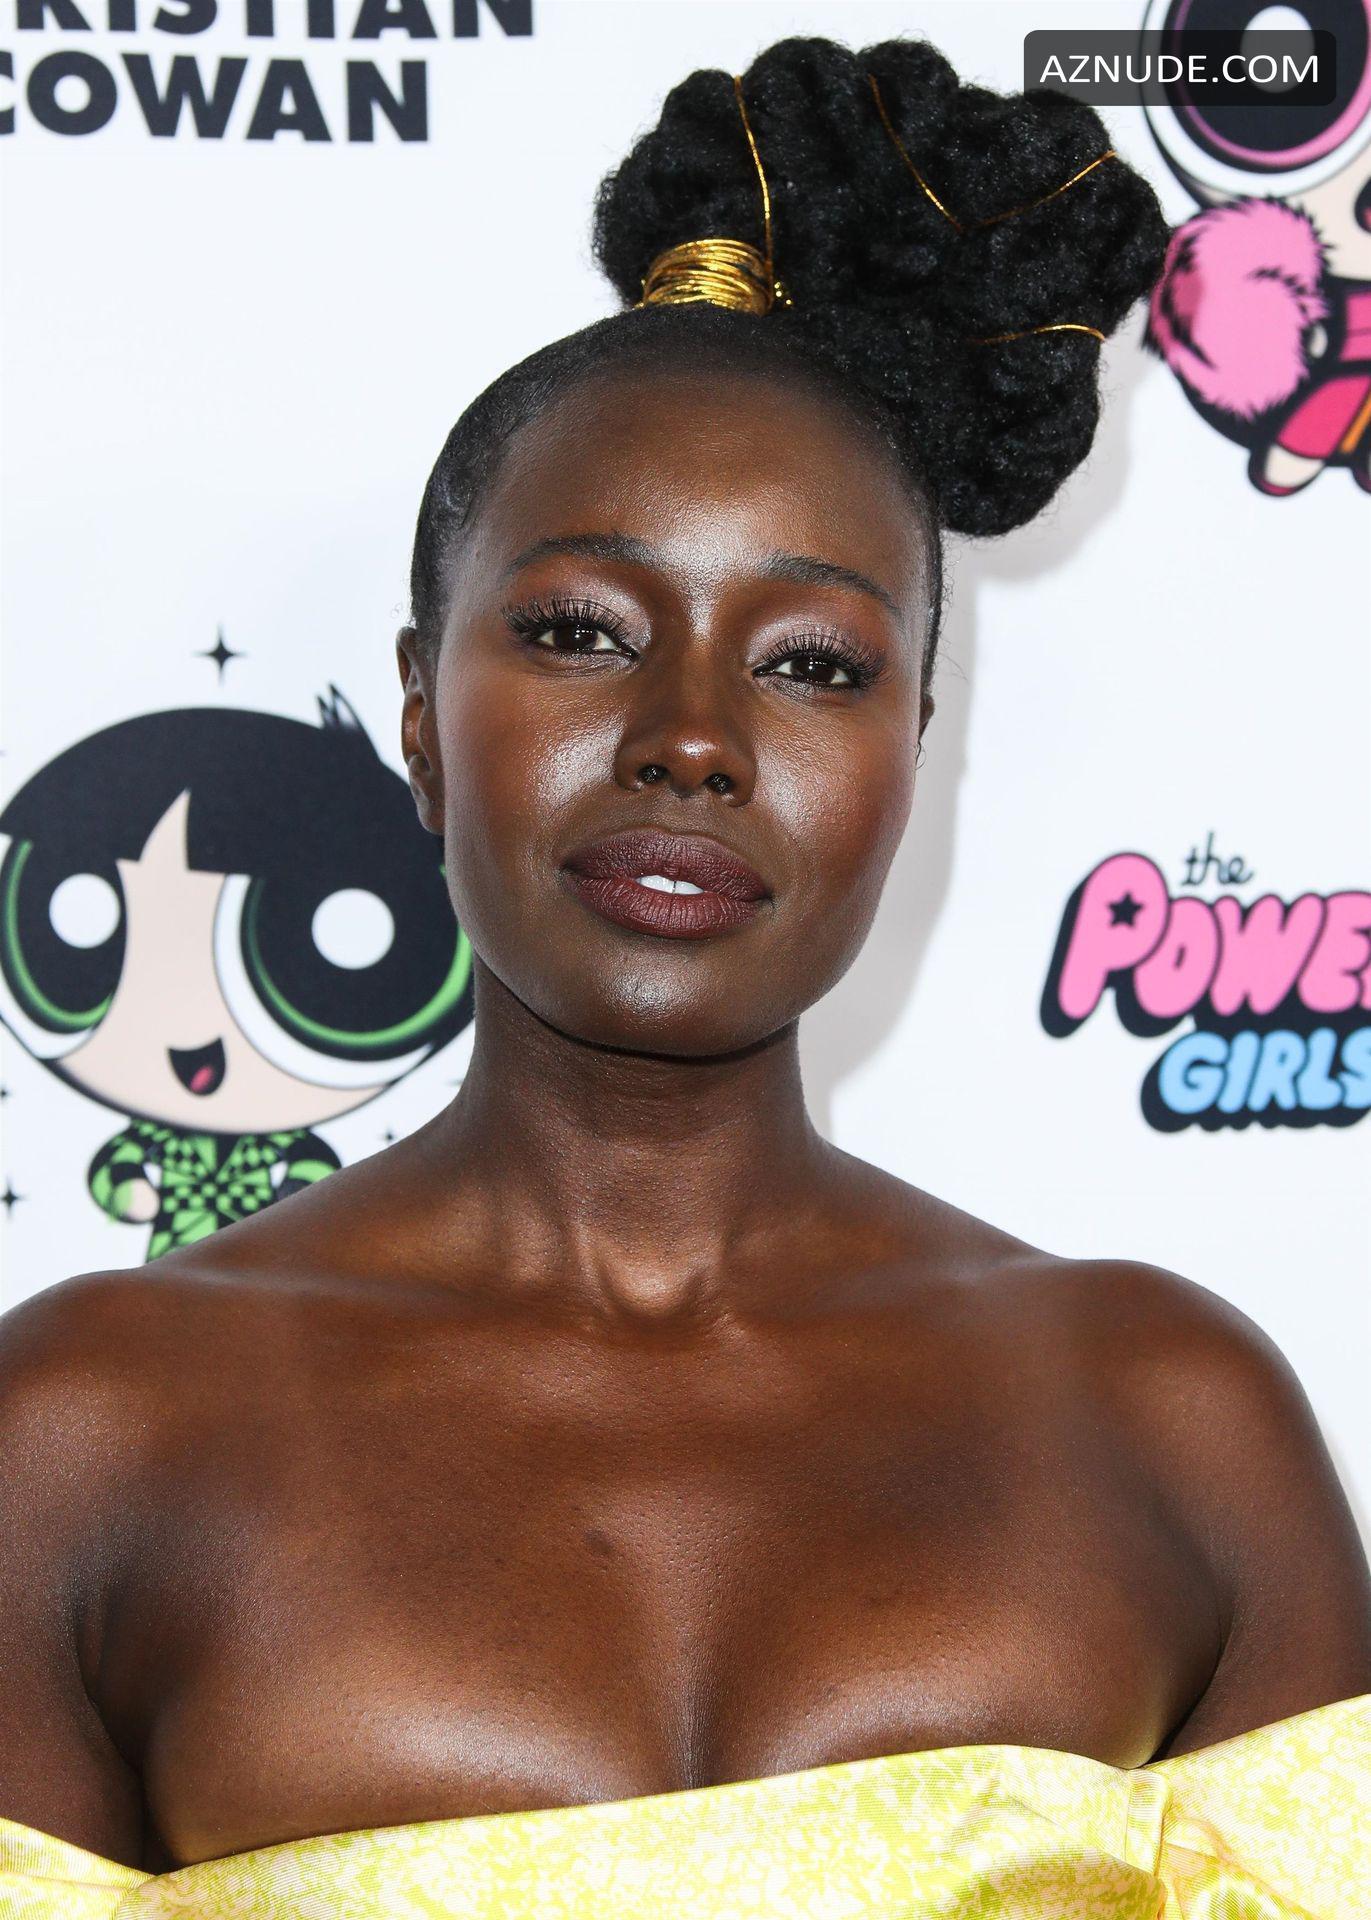 Diop nude anna 57 Sexiest